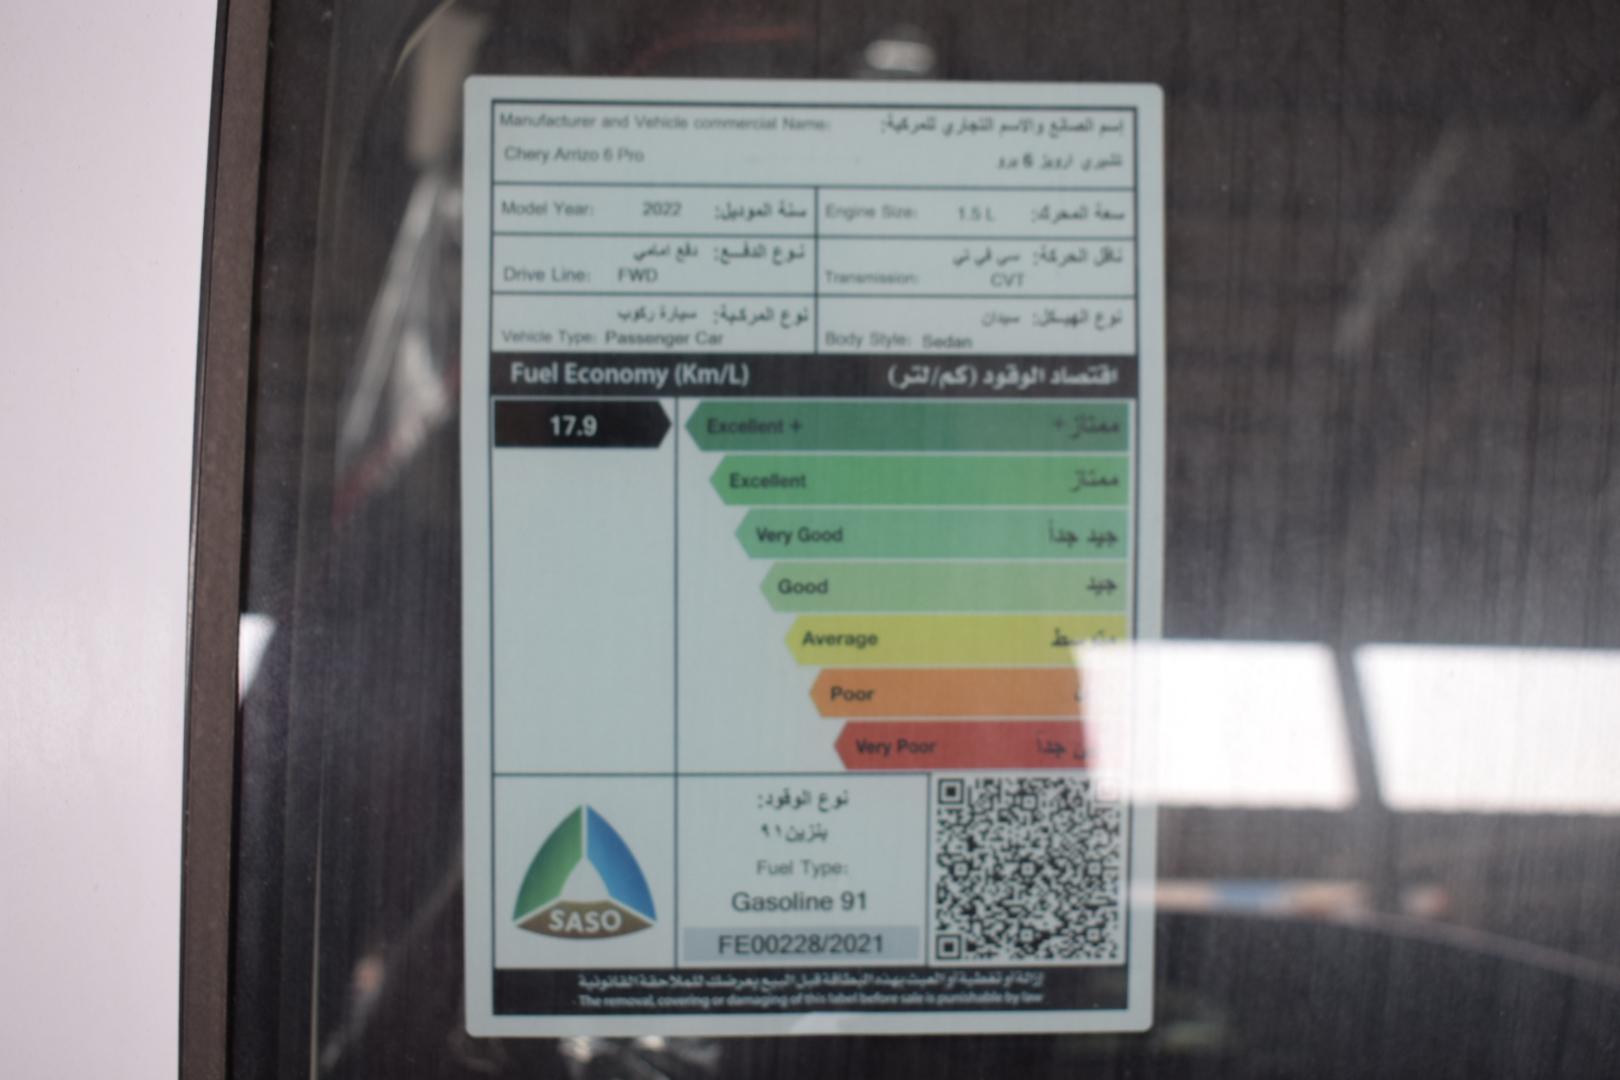 شيري اريزو 6 2022 نص فل سعودي للبيع في جدة - السعودية - صورة كبيرة - 7